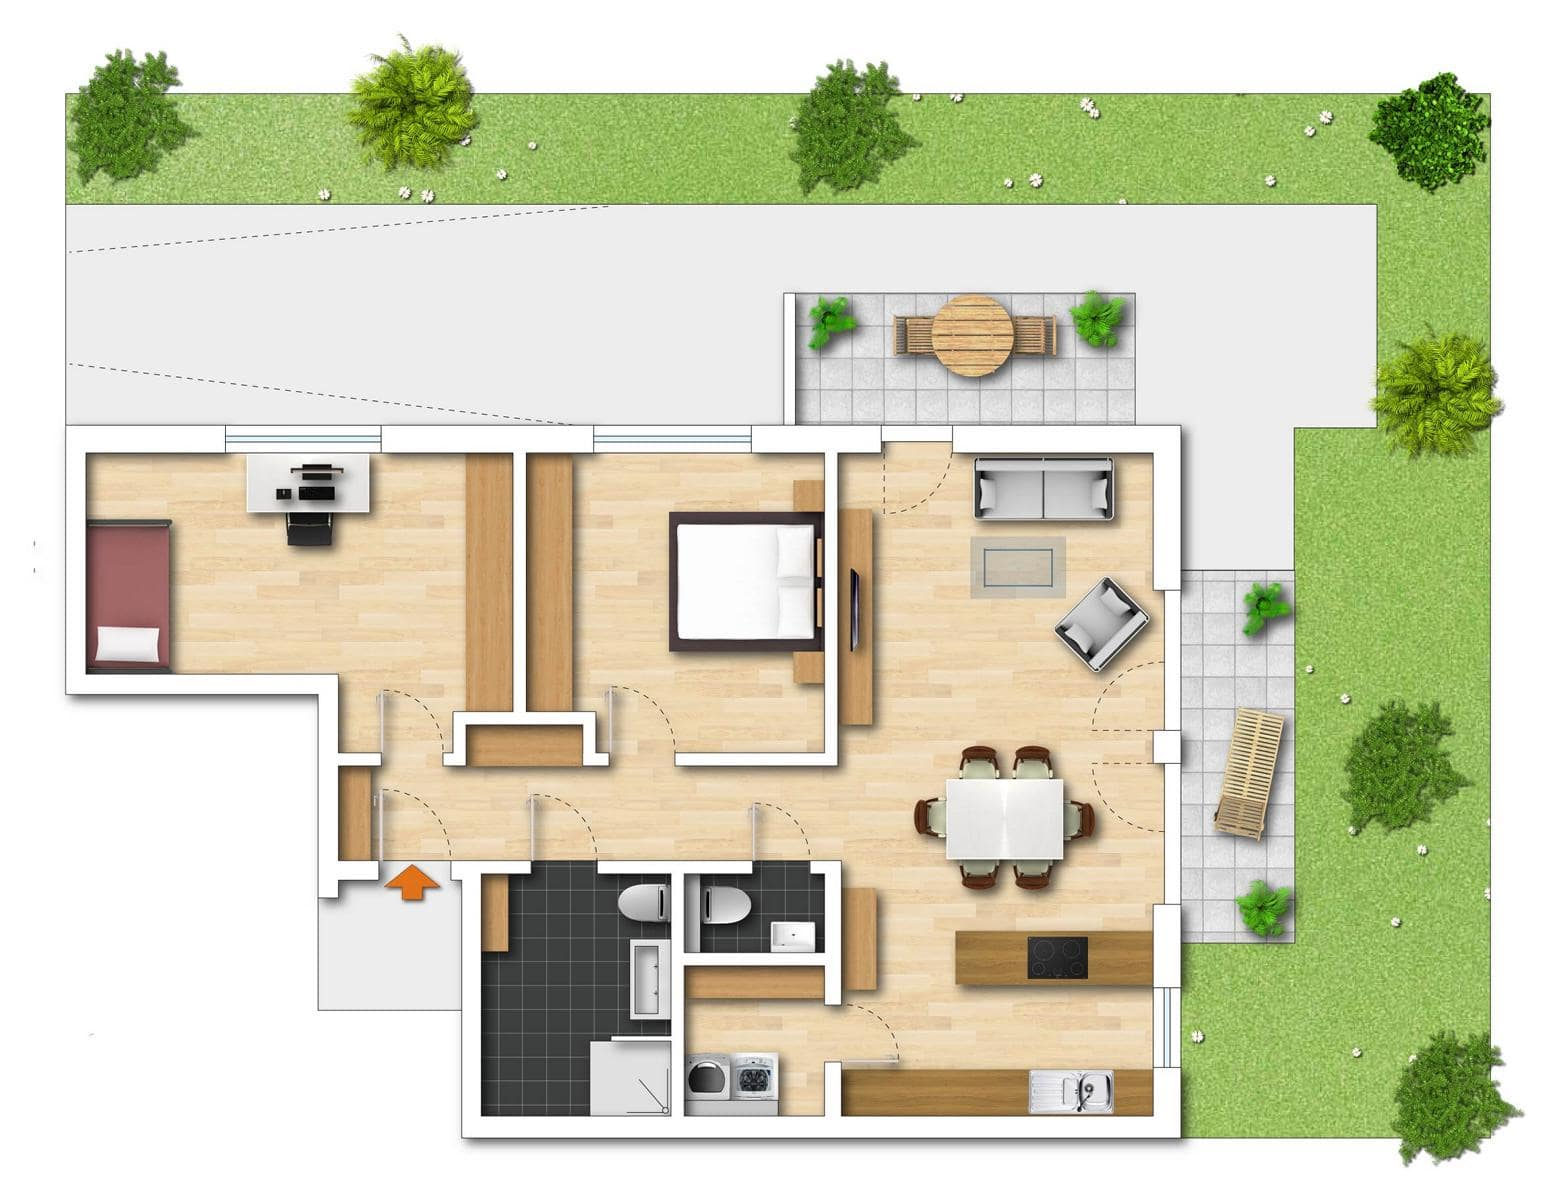 Grundriss Neubauwohnung 2 Bodman im Weiler